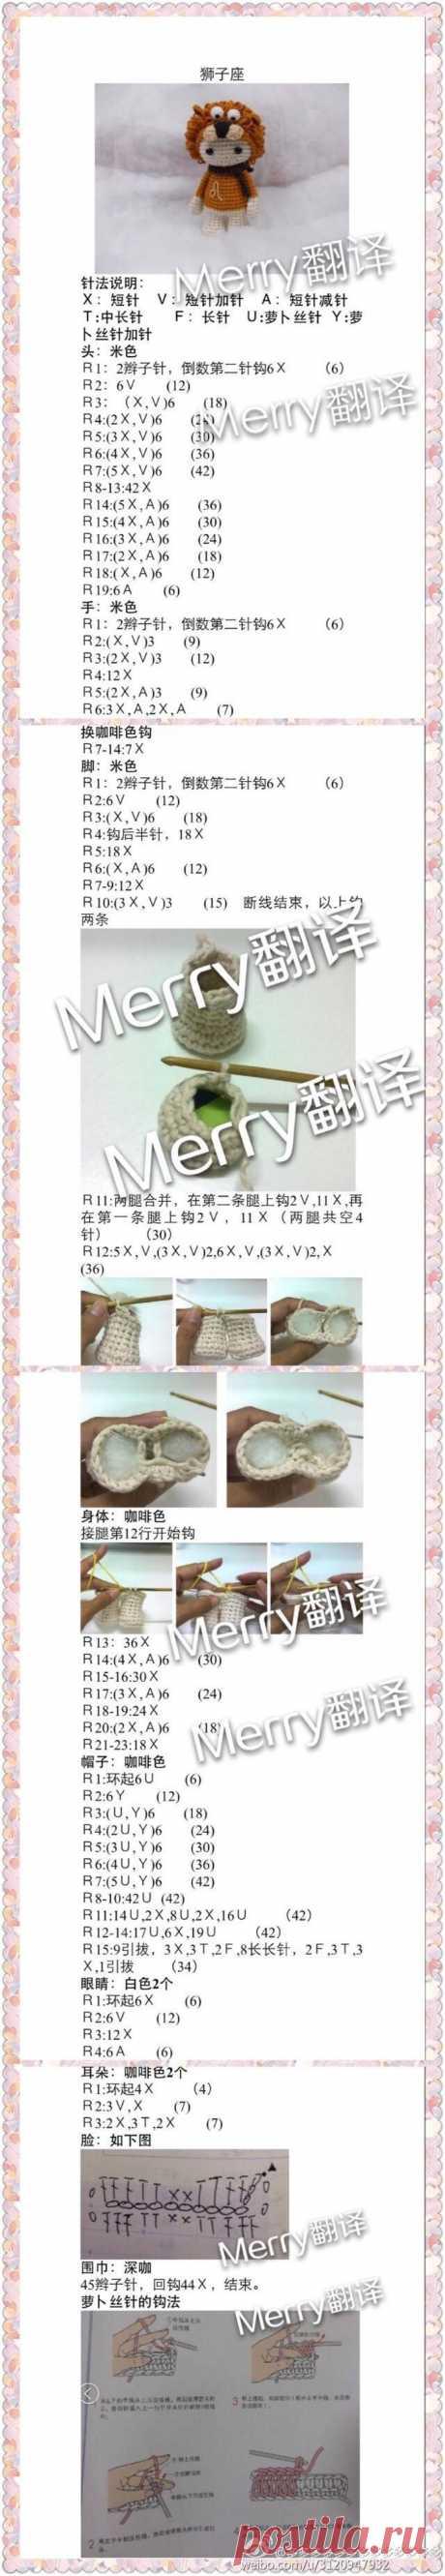 钩针 编织 十二星座 娃娃 玩偶 中文翻译 图…-堆糖,美好生活研究所